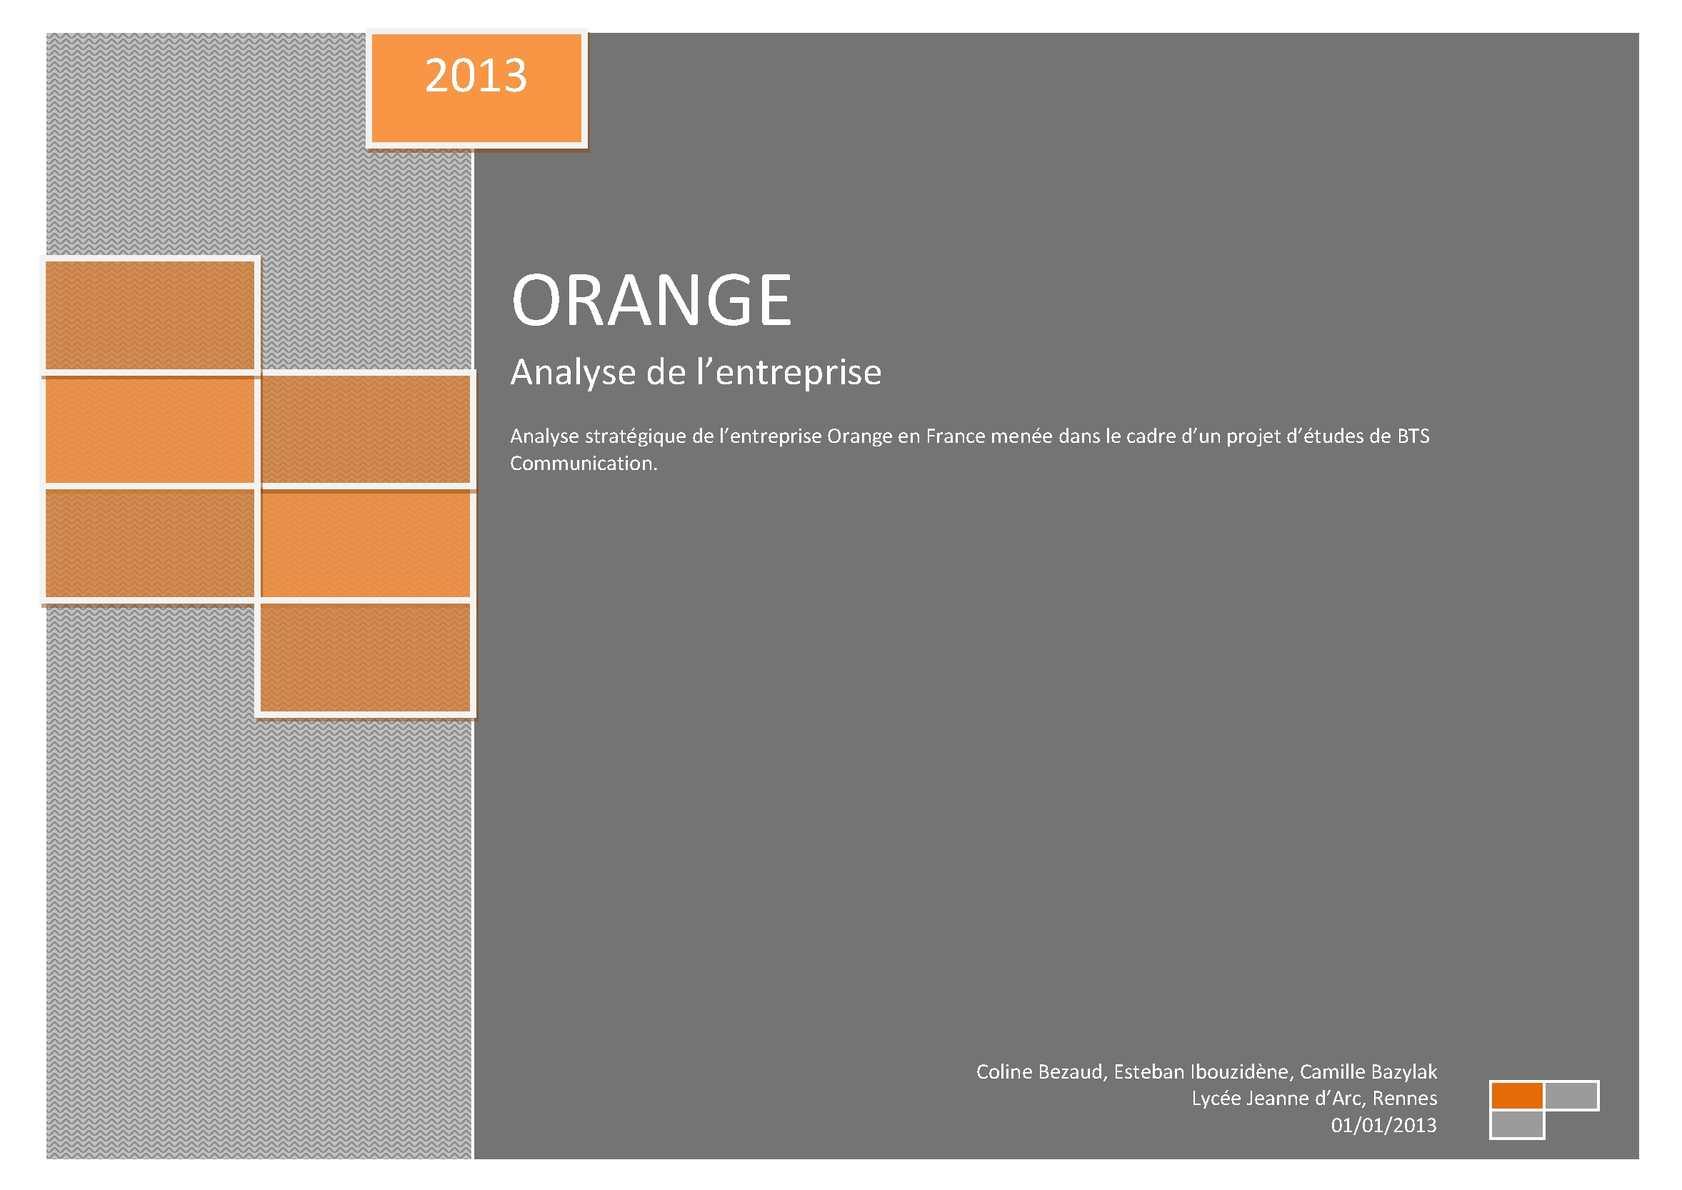 Calam o analyse de l 39 entreprise orange 2013 - Office national de publication et de communication ...